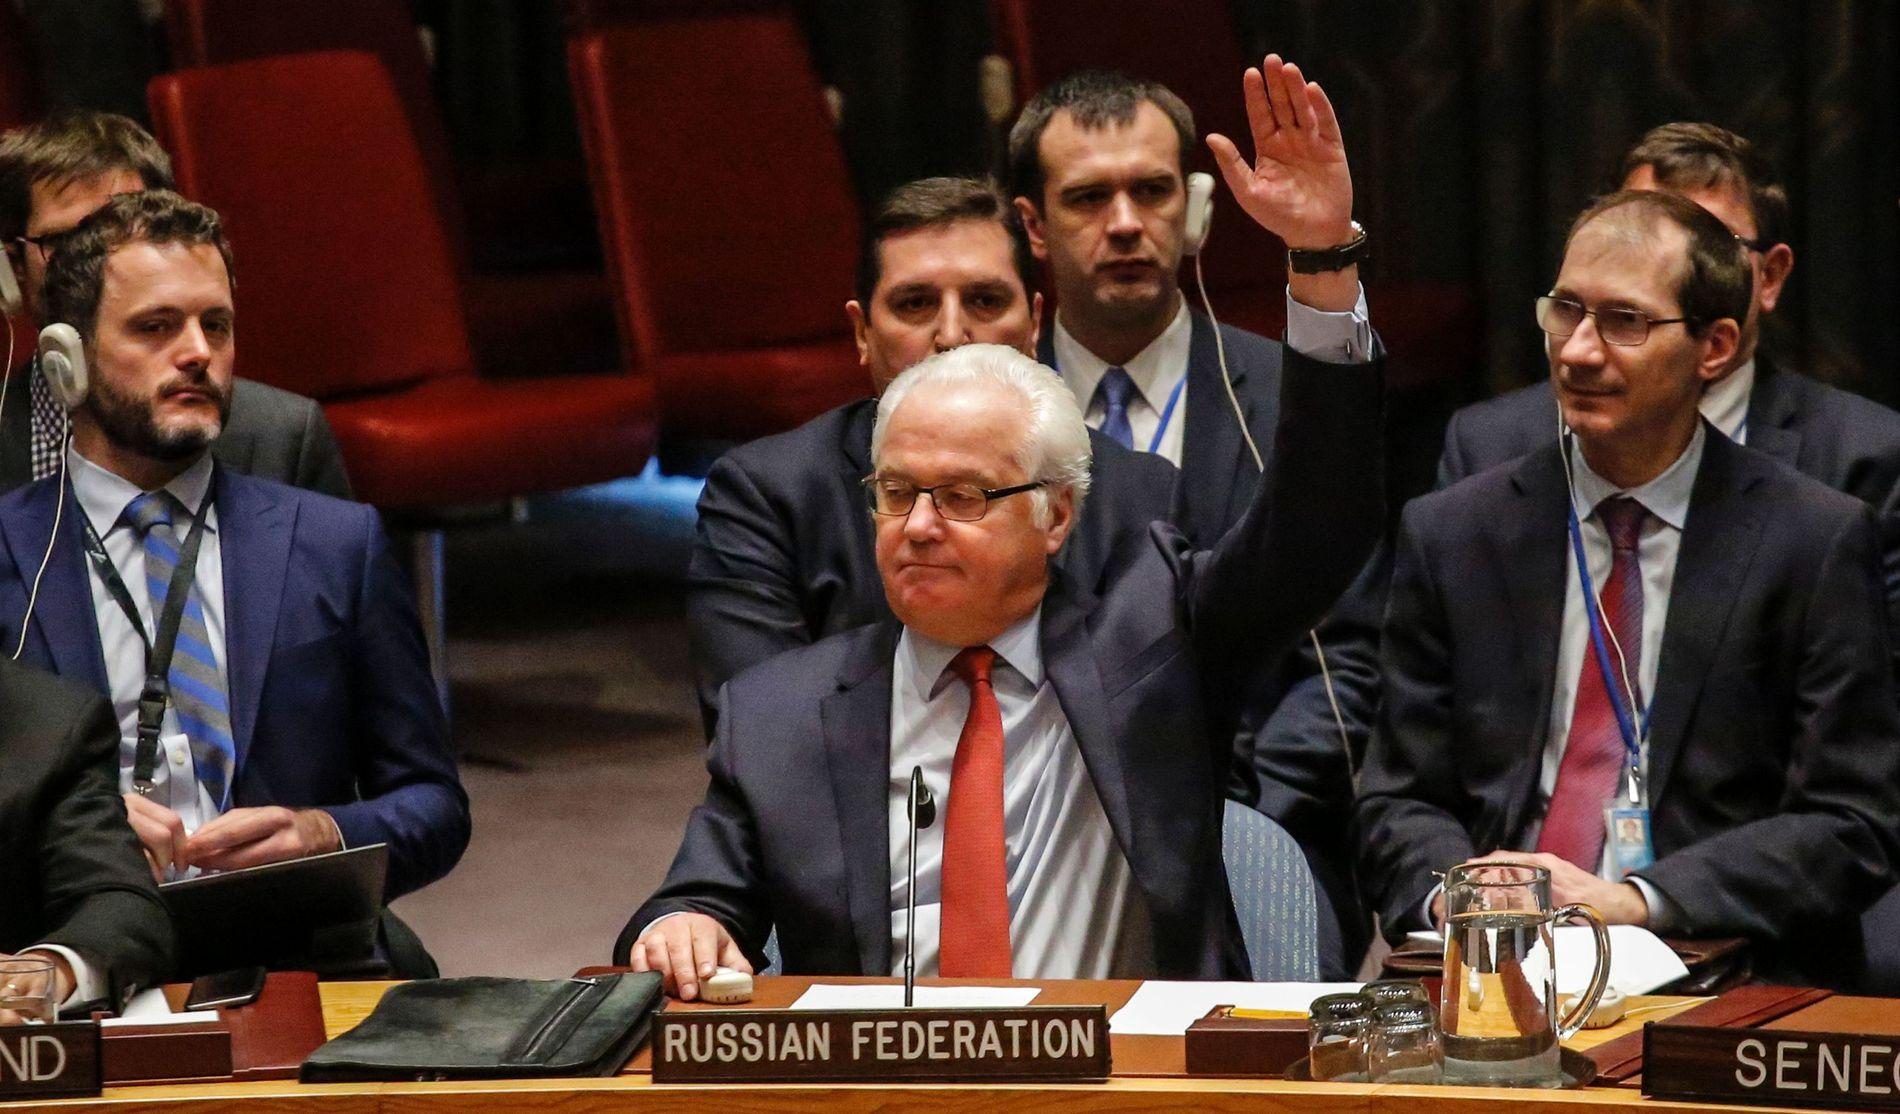 ENSTEMMIG: Russlands ambassadør Vitaly Churkin stemmer i FNs sikkerhetsråd nyttårsaften for Russlands og Tyrkias fredsplan for Syria, ved FNs hovedkvarter i New York.